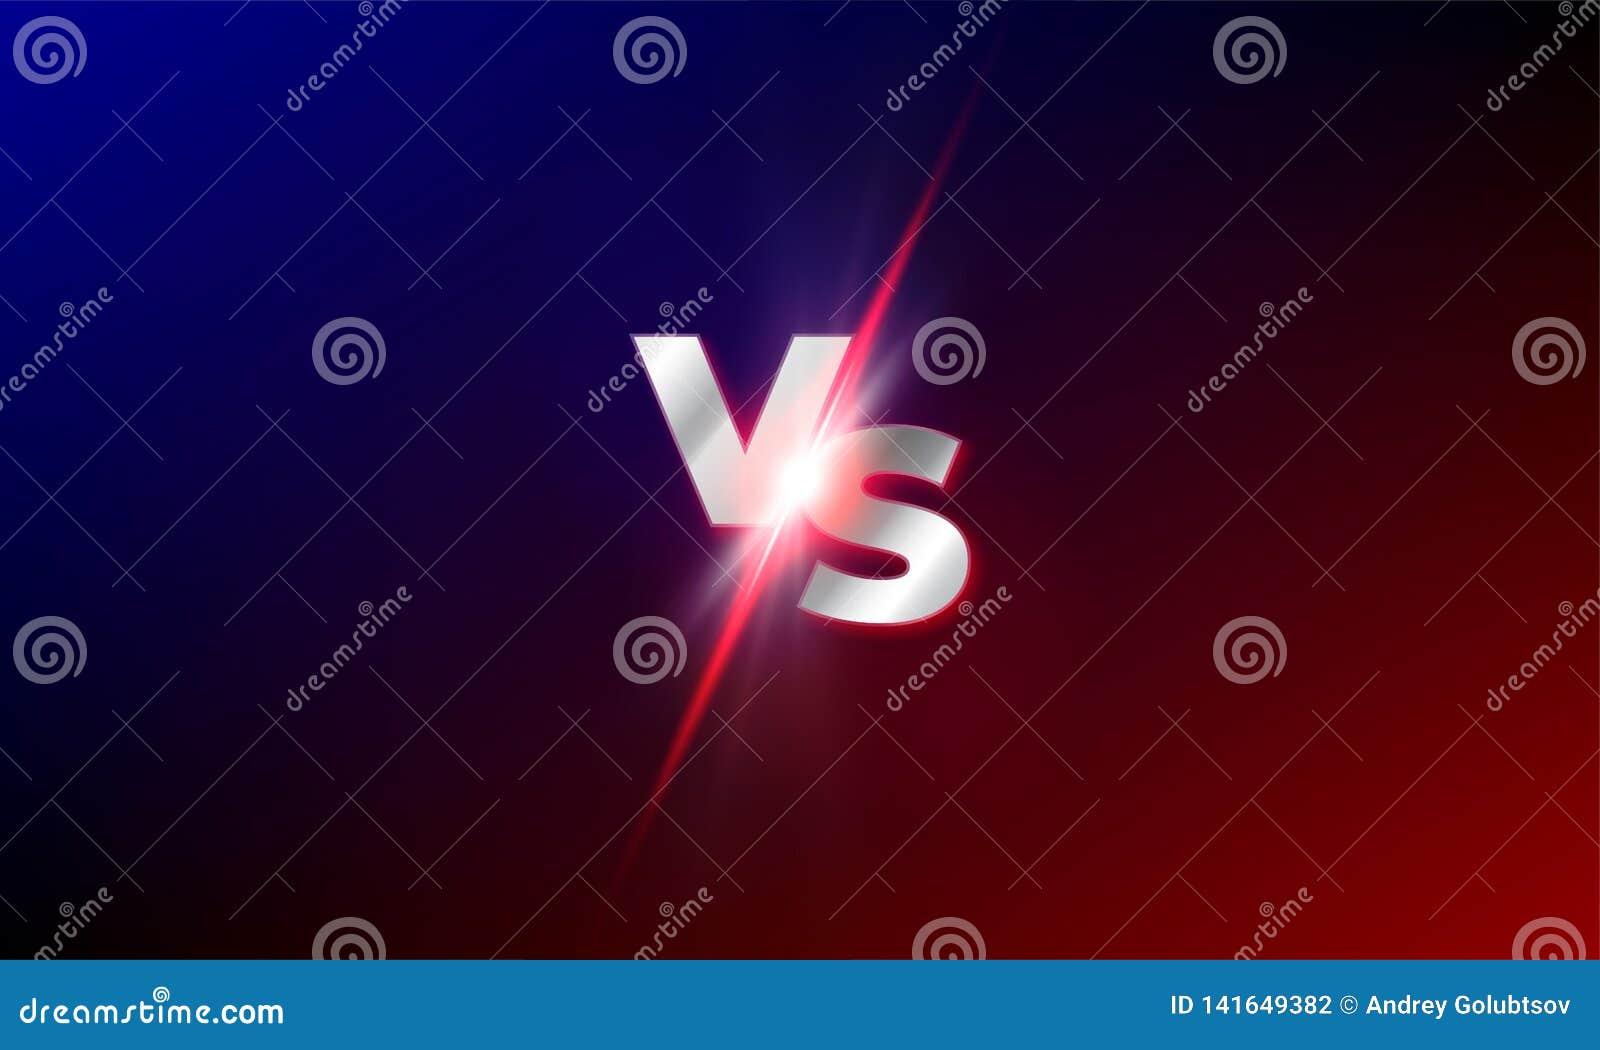 GEGEN gegen Vektorhintergrund Roter und blauer Muttahida Majlis-e-Amal Kampfwettbewerb GEGEN hellen Explosionsschein